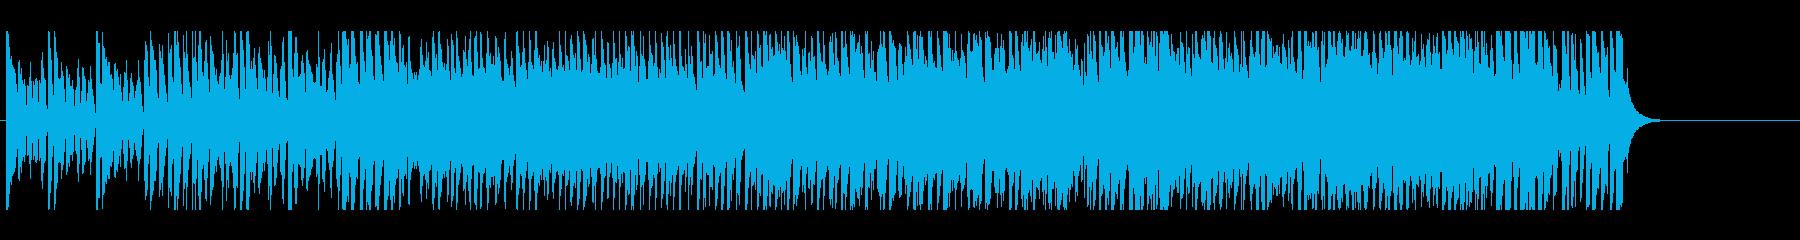 いきいきハツラツとした楽しいポップの再生済みの波形